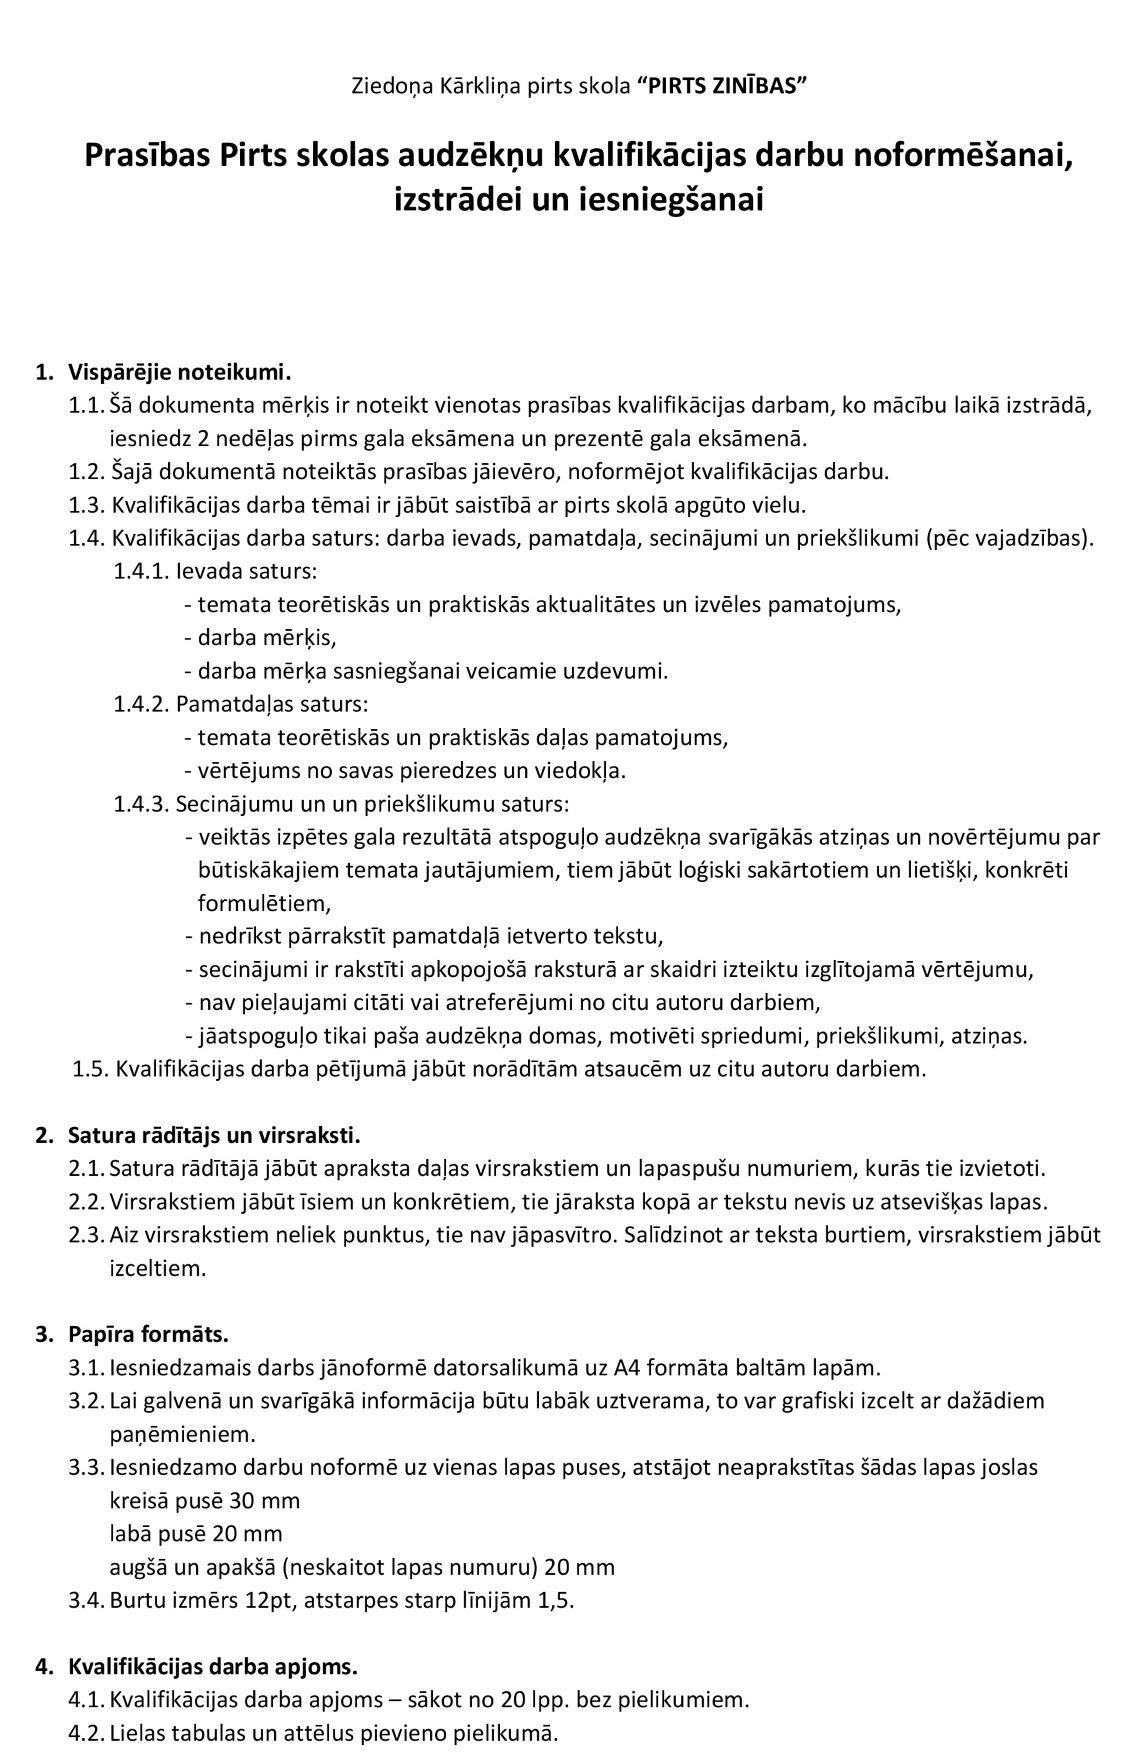 Pirts skolas Kvalifikacijas darbs 01